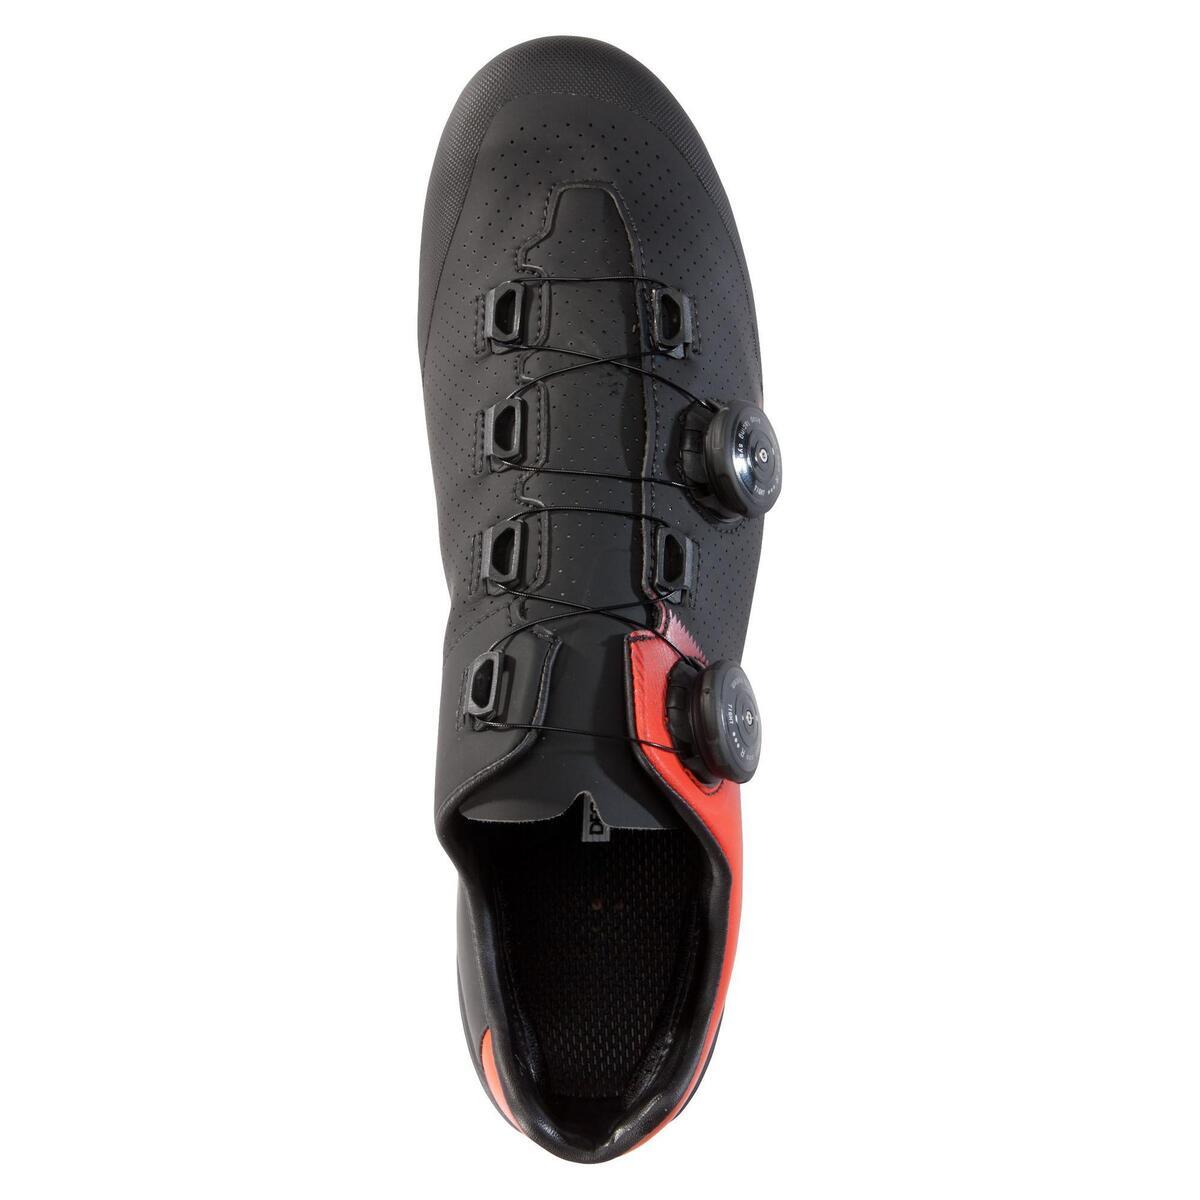 Bild 3 von Fahrradschuhe XC 900 MTB rot/schwarz